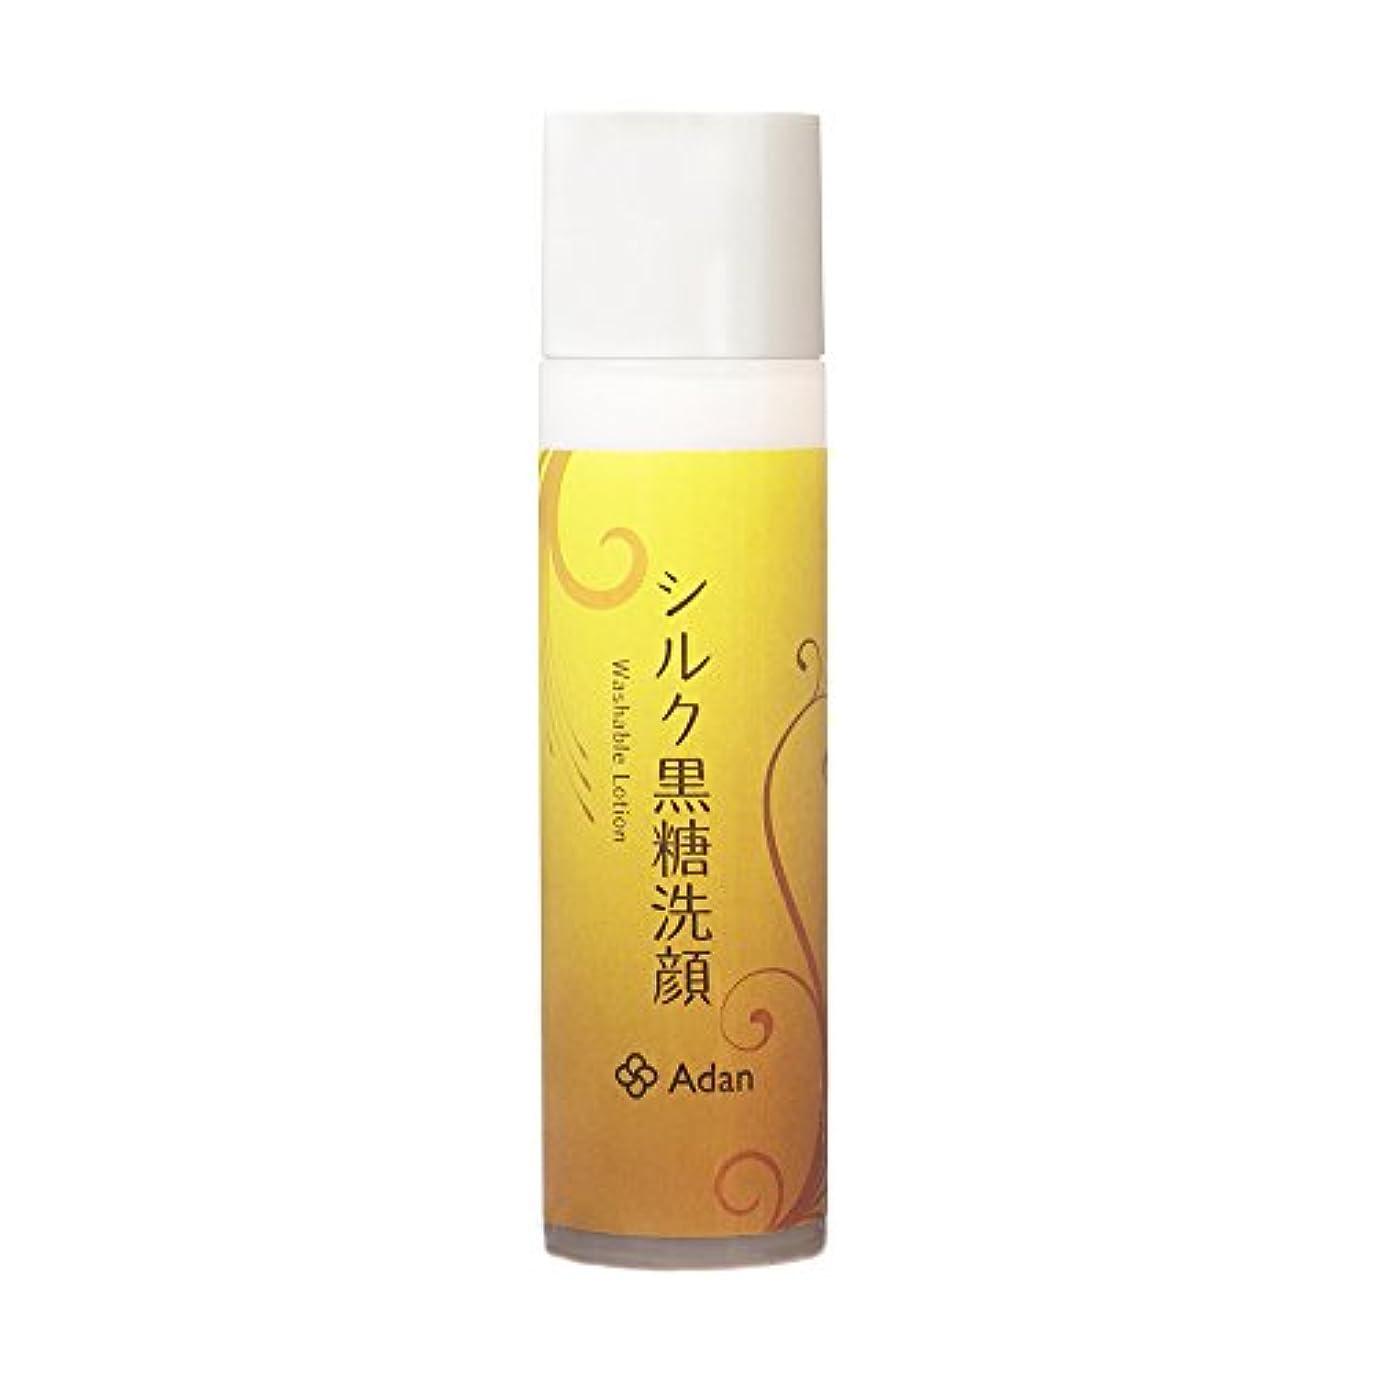 報奨金ピケ夕食を作るAdan(アーダン) シルク黒糖洗顔(ウォッシャブルローション) 120ml